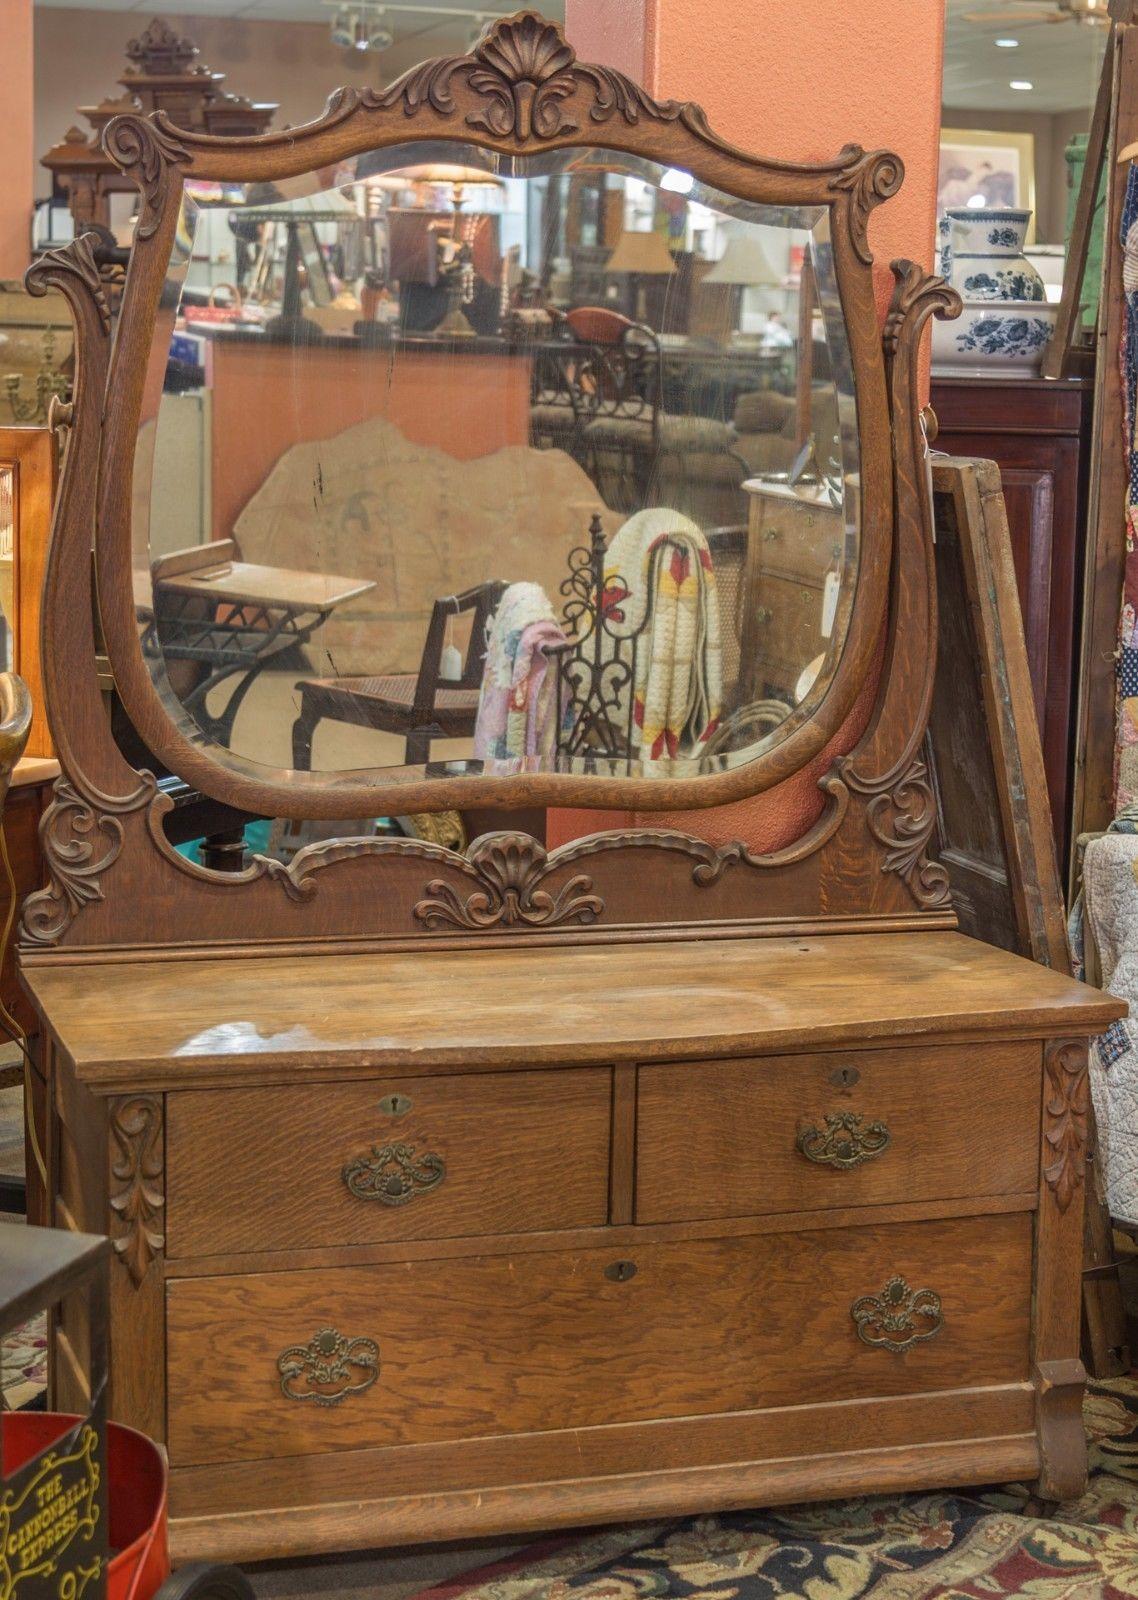 Oak Wood Dresser With Mirror  BestDressers 2019